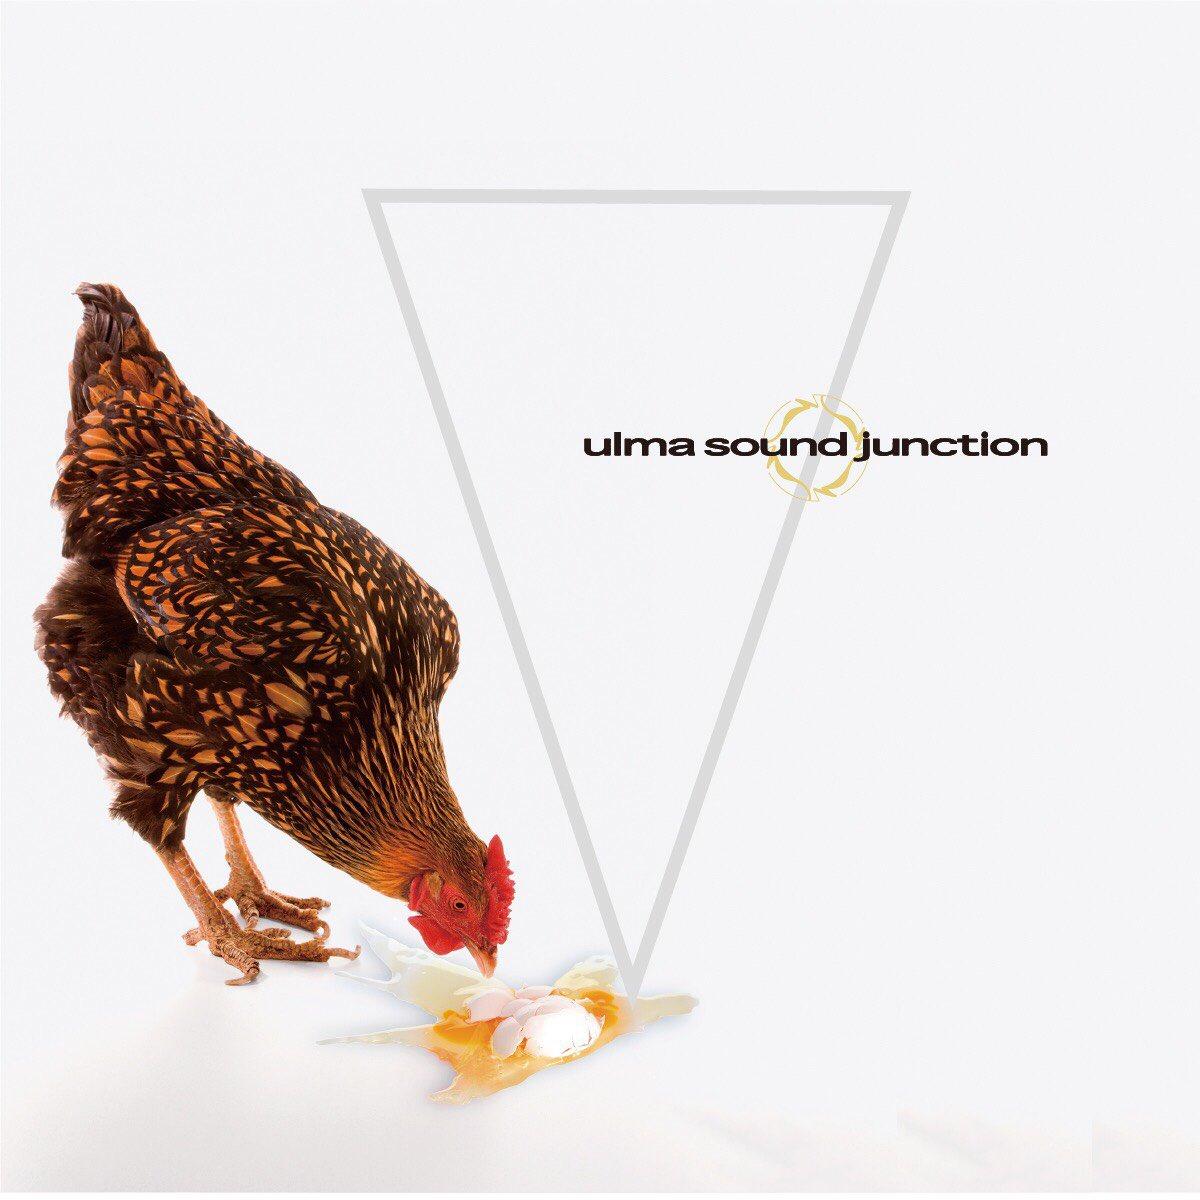 ulma sound junction / ウルマ・サウンド・ジャンクション / imagent theory / イメージェント・セオリー